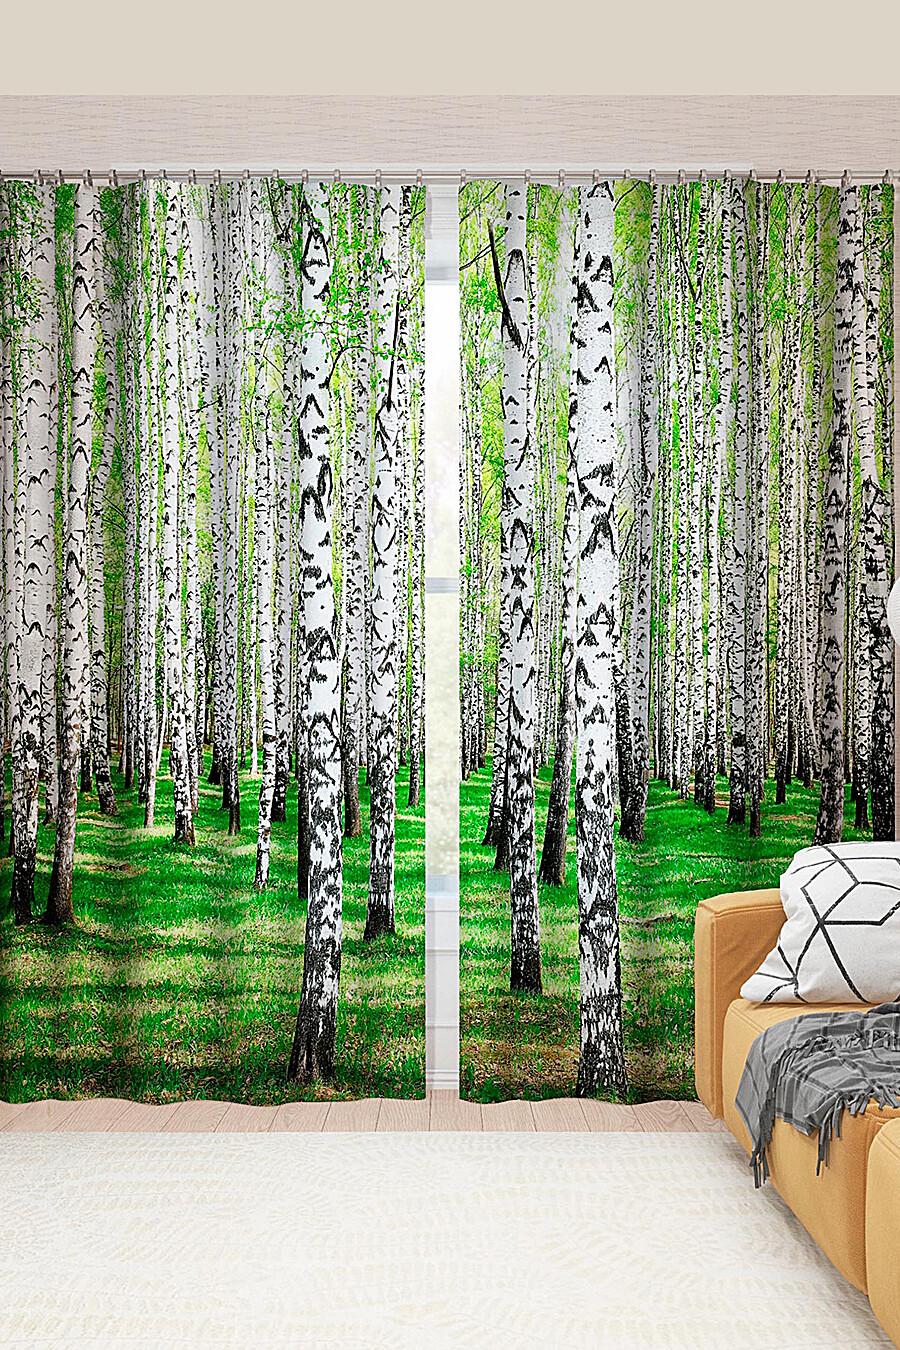 Фотошторы для дома ART HOME TEXTILE 123513 купить оптом от производителя. Совместная покупка товаров для дома в OptMoyo